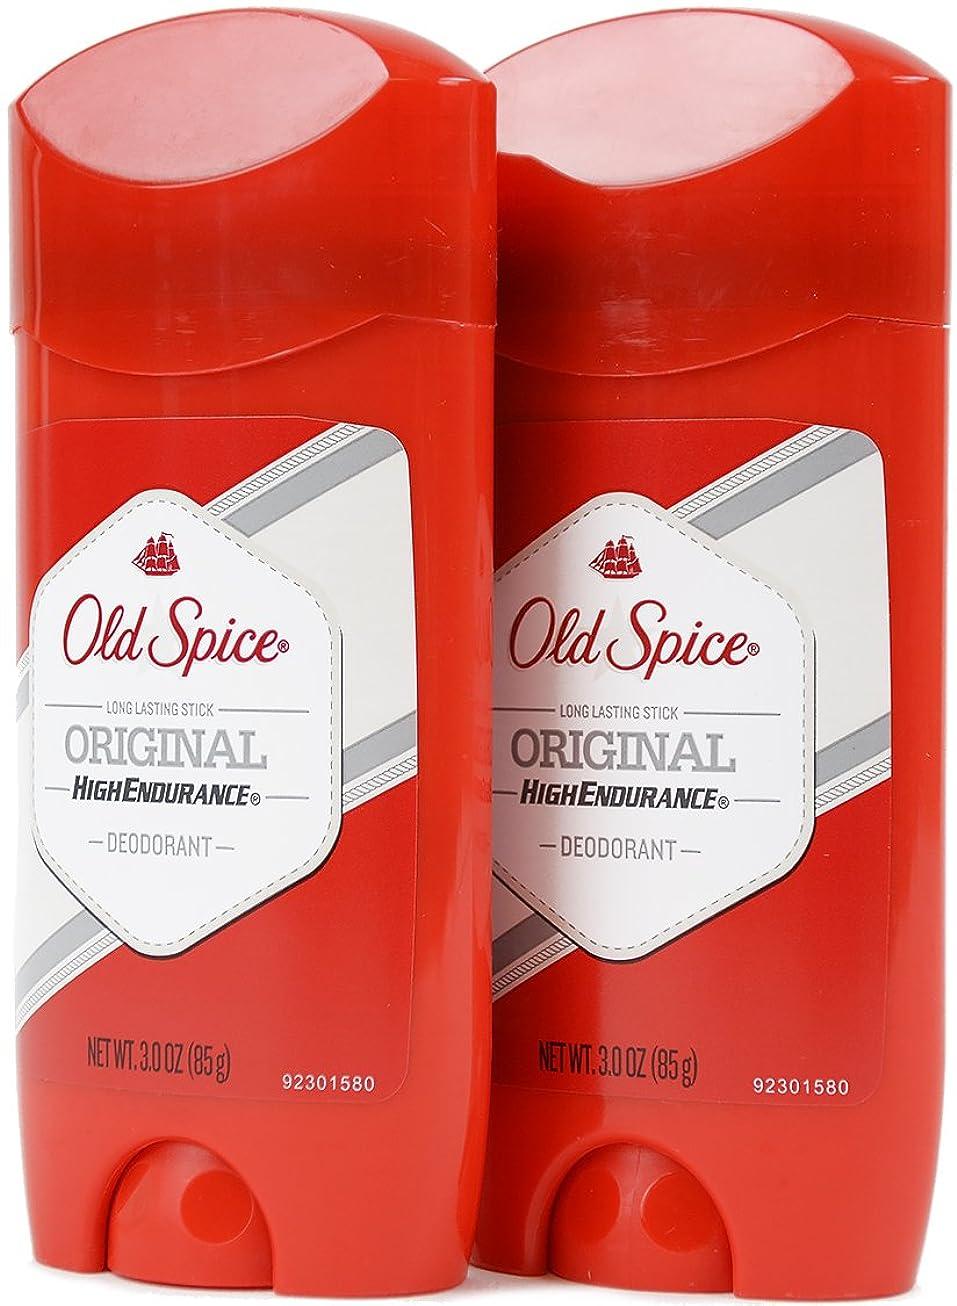 直感出会いホバートオールドスパイス(Old Spice) 固形デオドラント スティック オリジナル 85g×2個[並行輸入品]